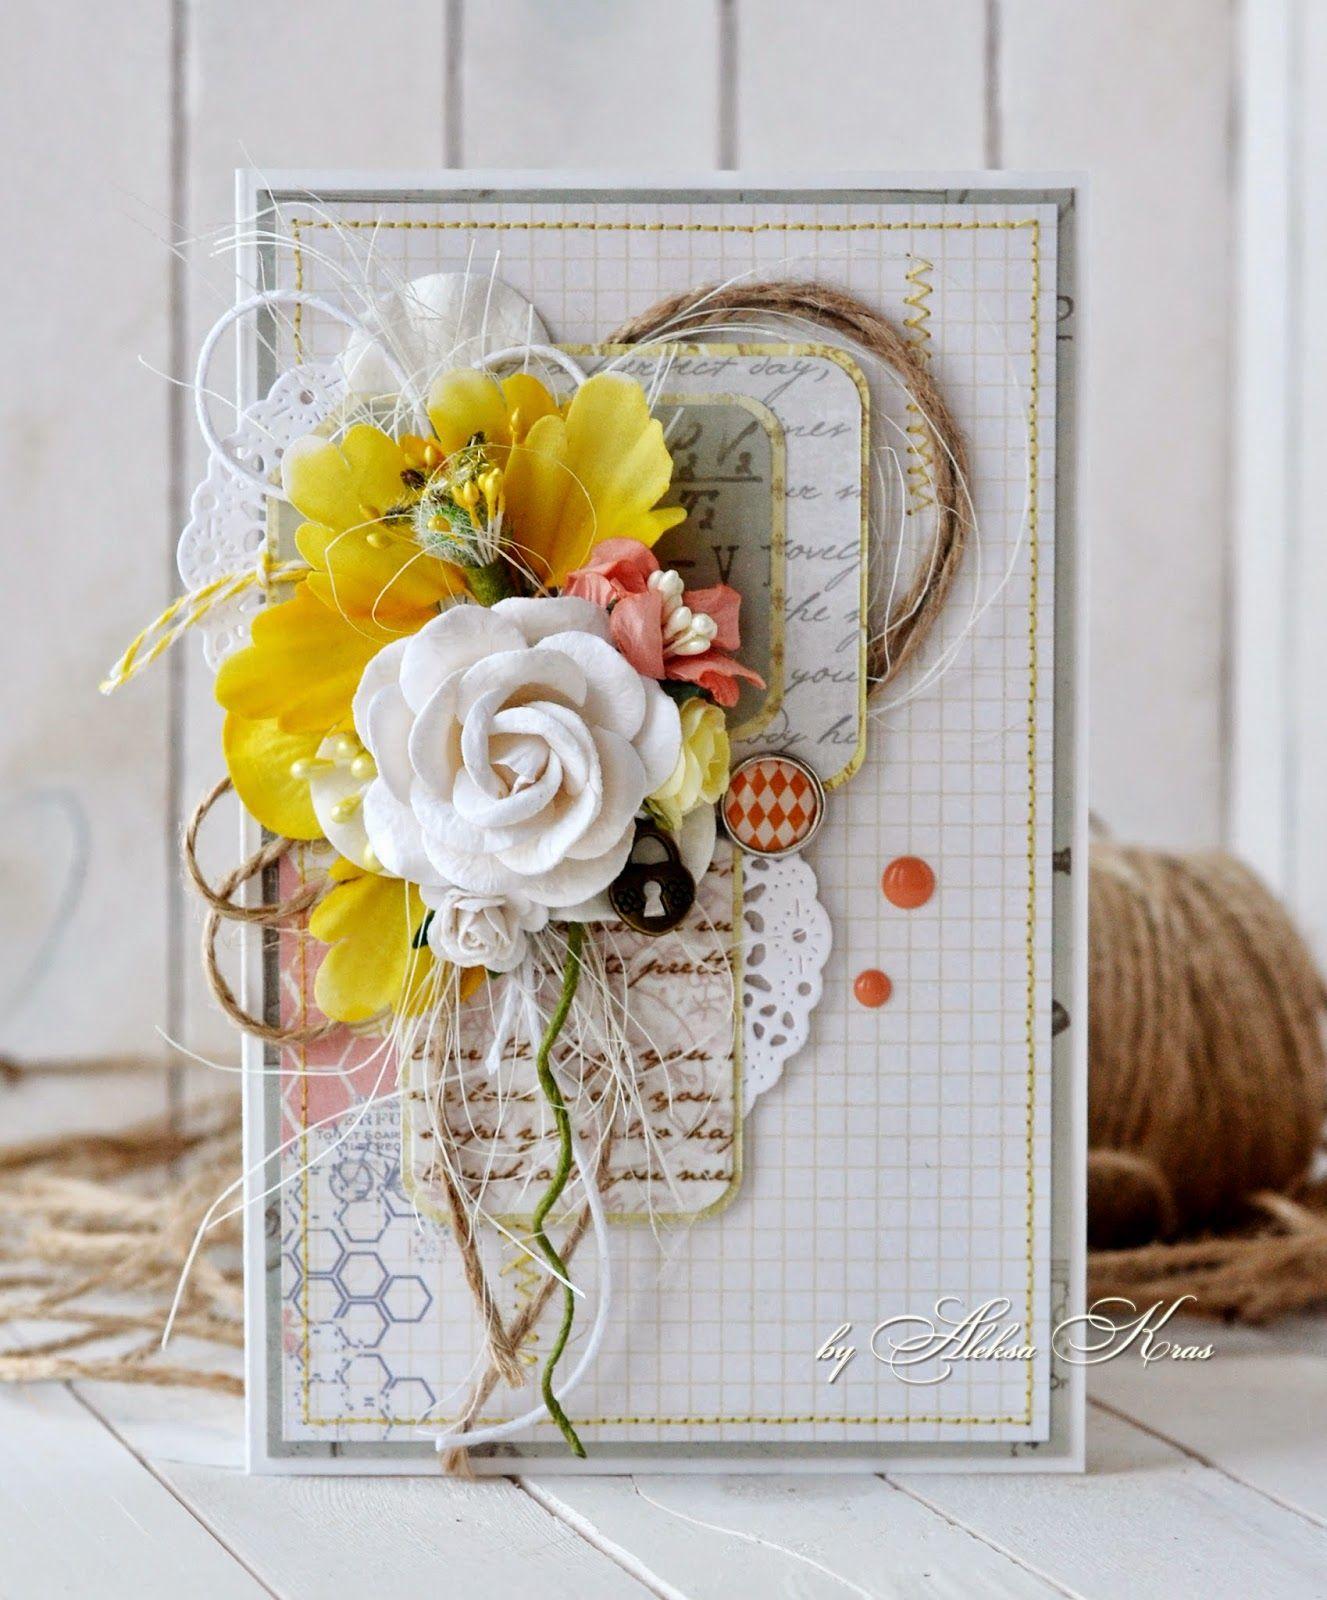 открытка с желтыми цветами своими руками часто